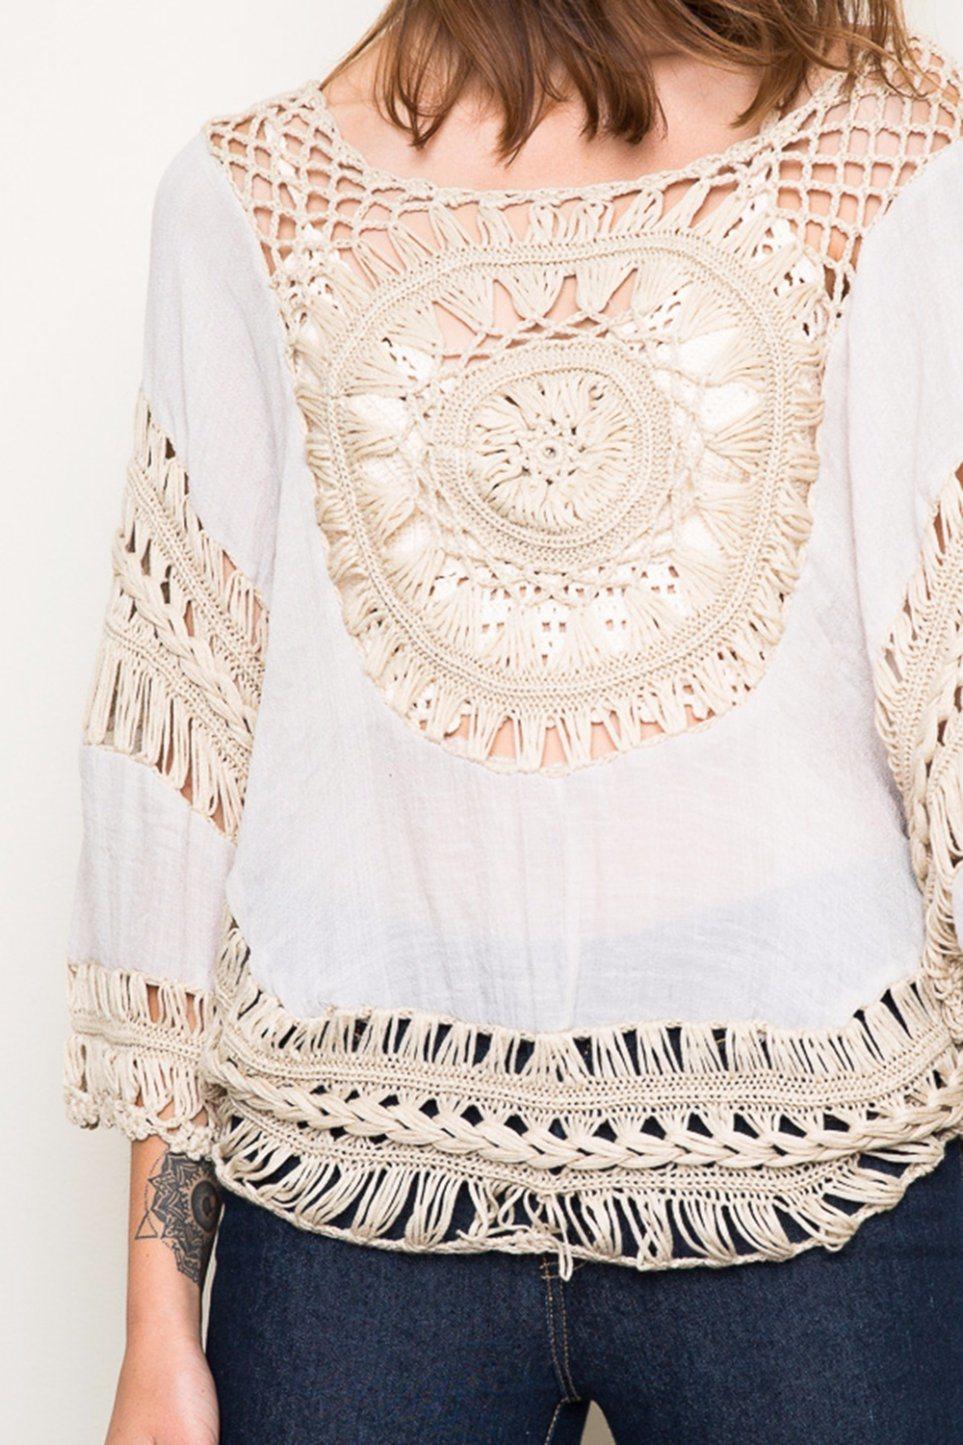 Ladies Contrast Color Handmade Crochet Tops